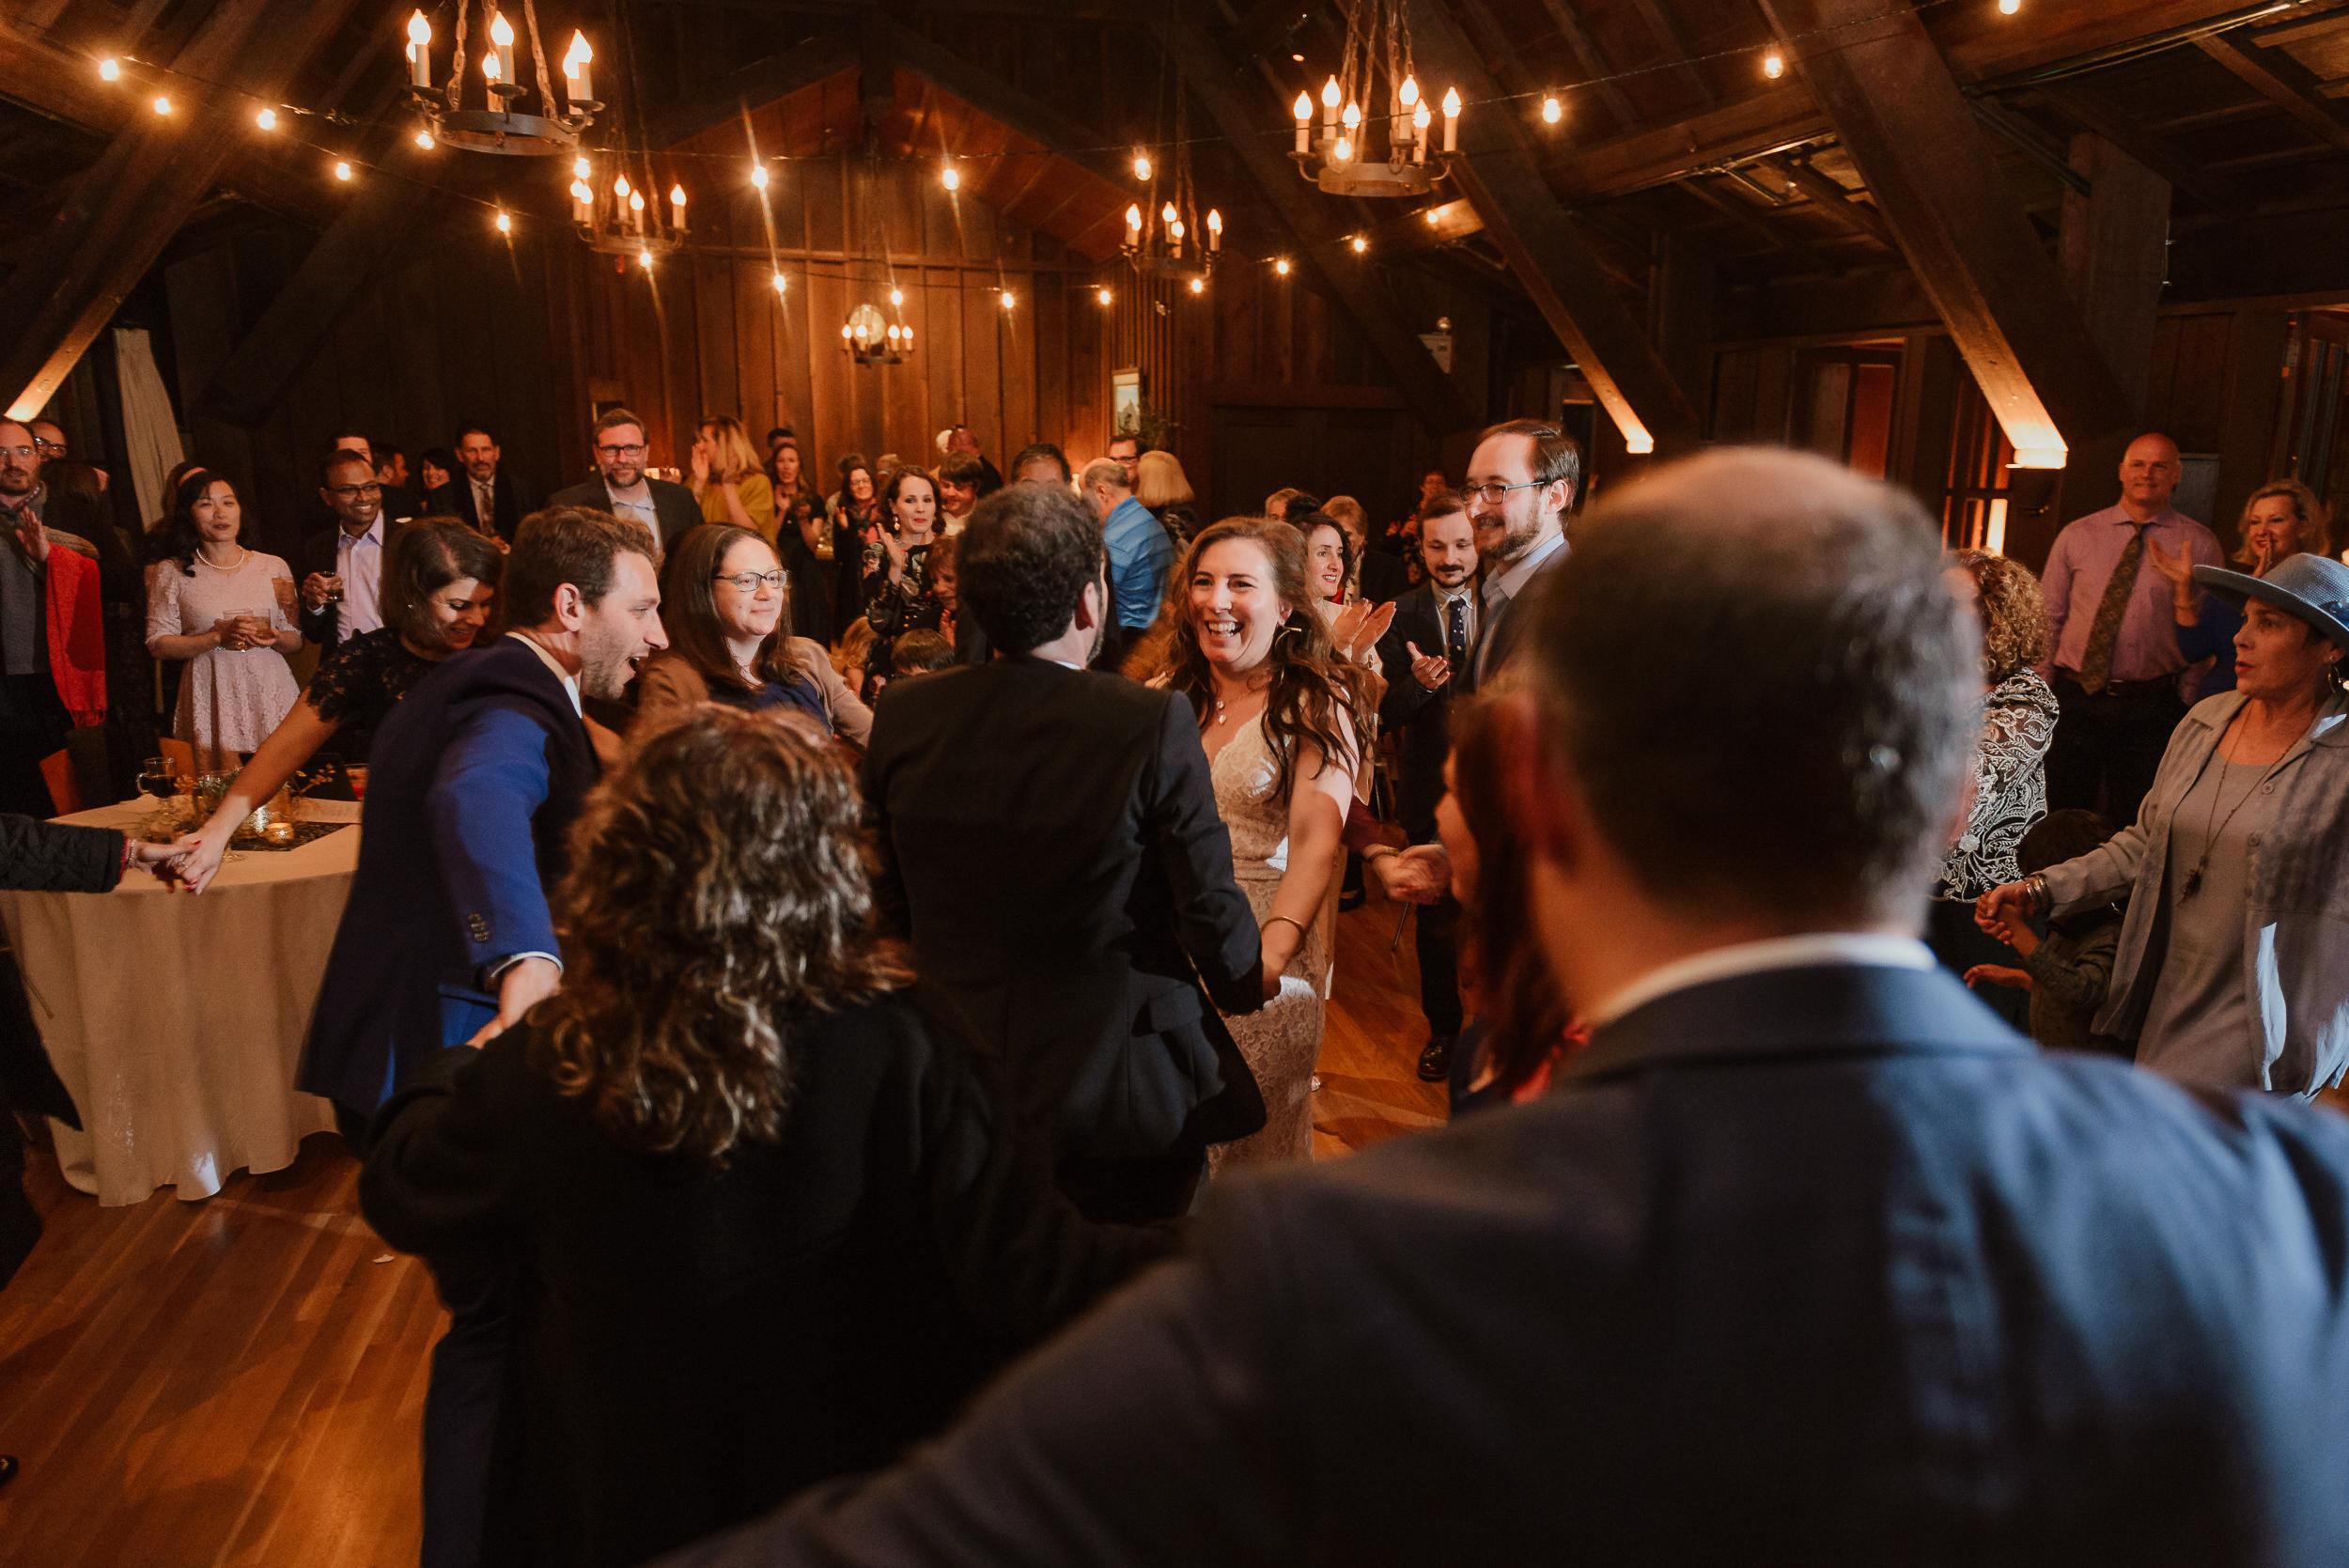 077winter-mill-valley-wedding-outdoor-art-club-wedding-vivianchen-445.jpg